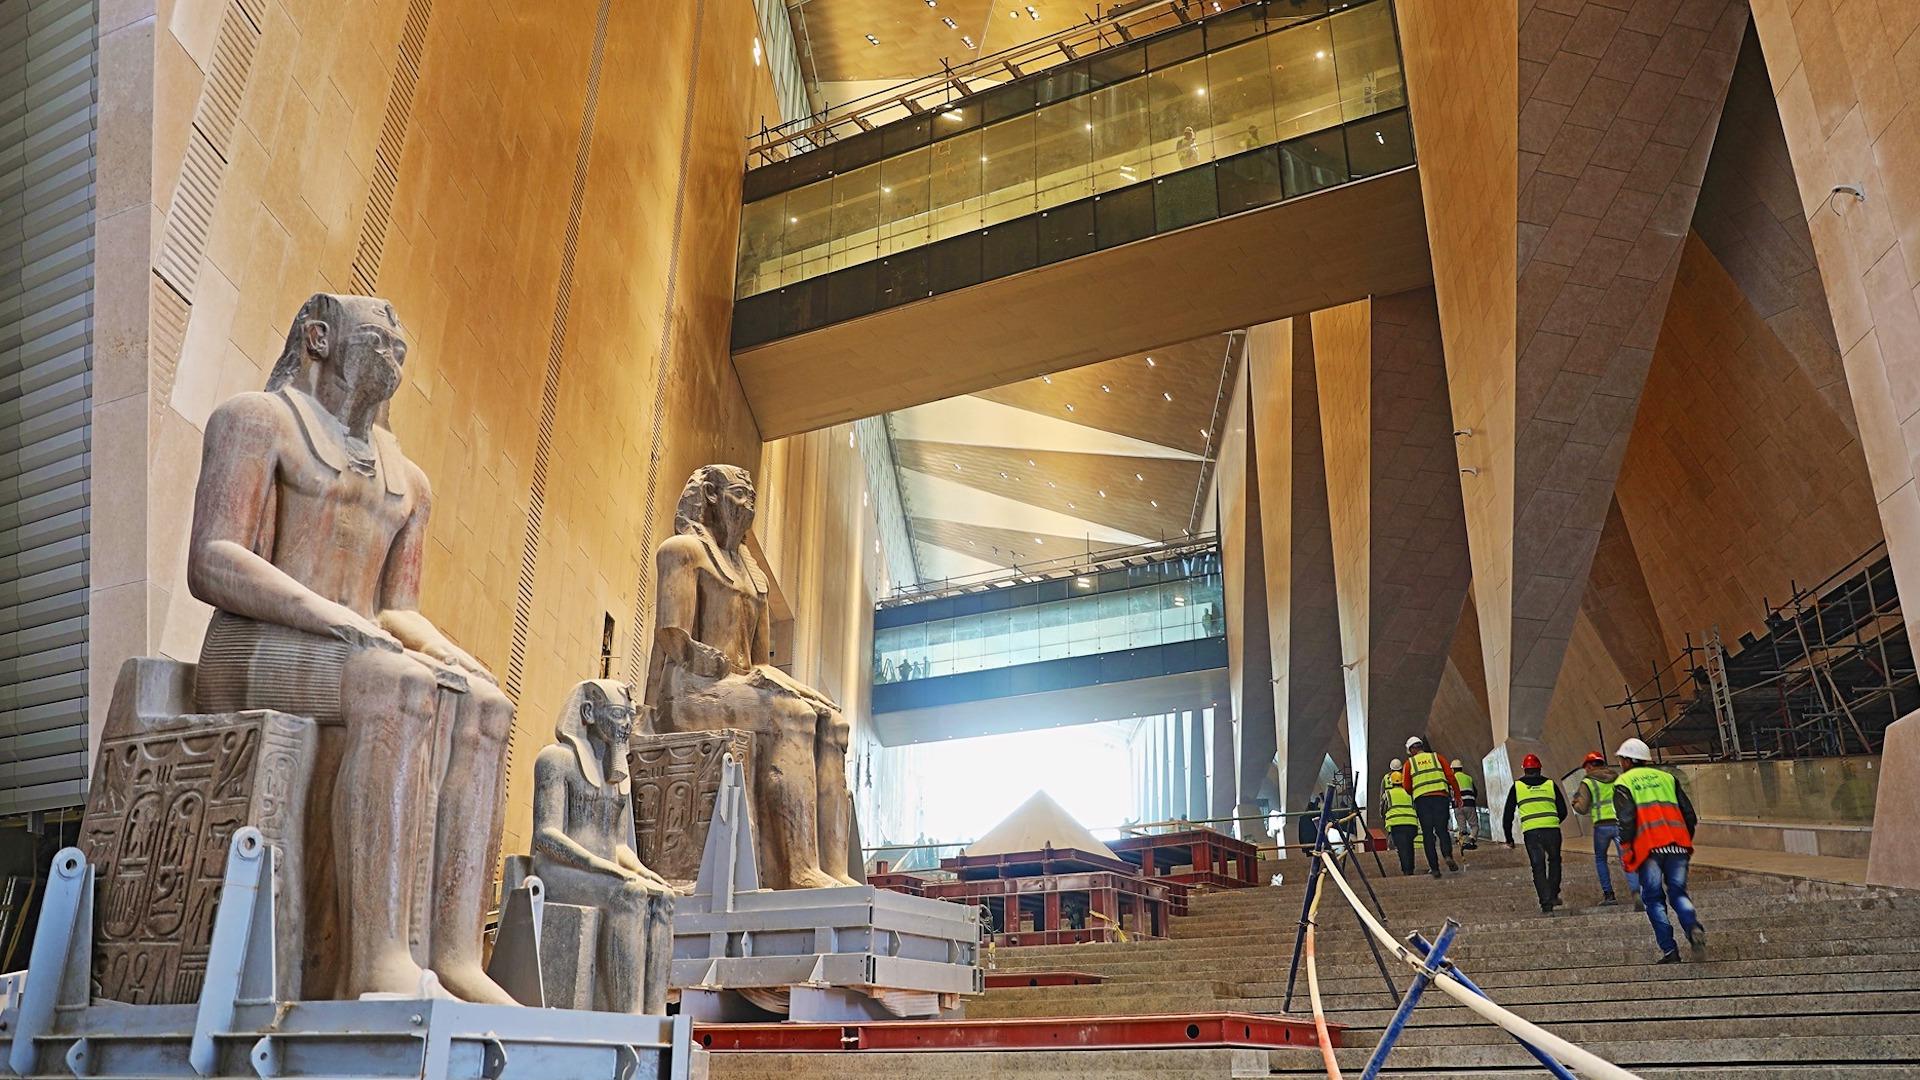 En 2021 inaugura en Giza el Gran Museo Egipcio, el más grande del mundo